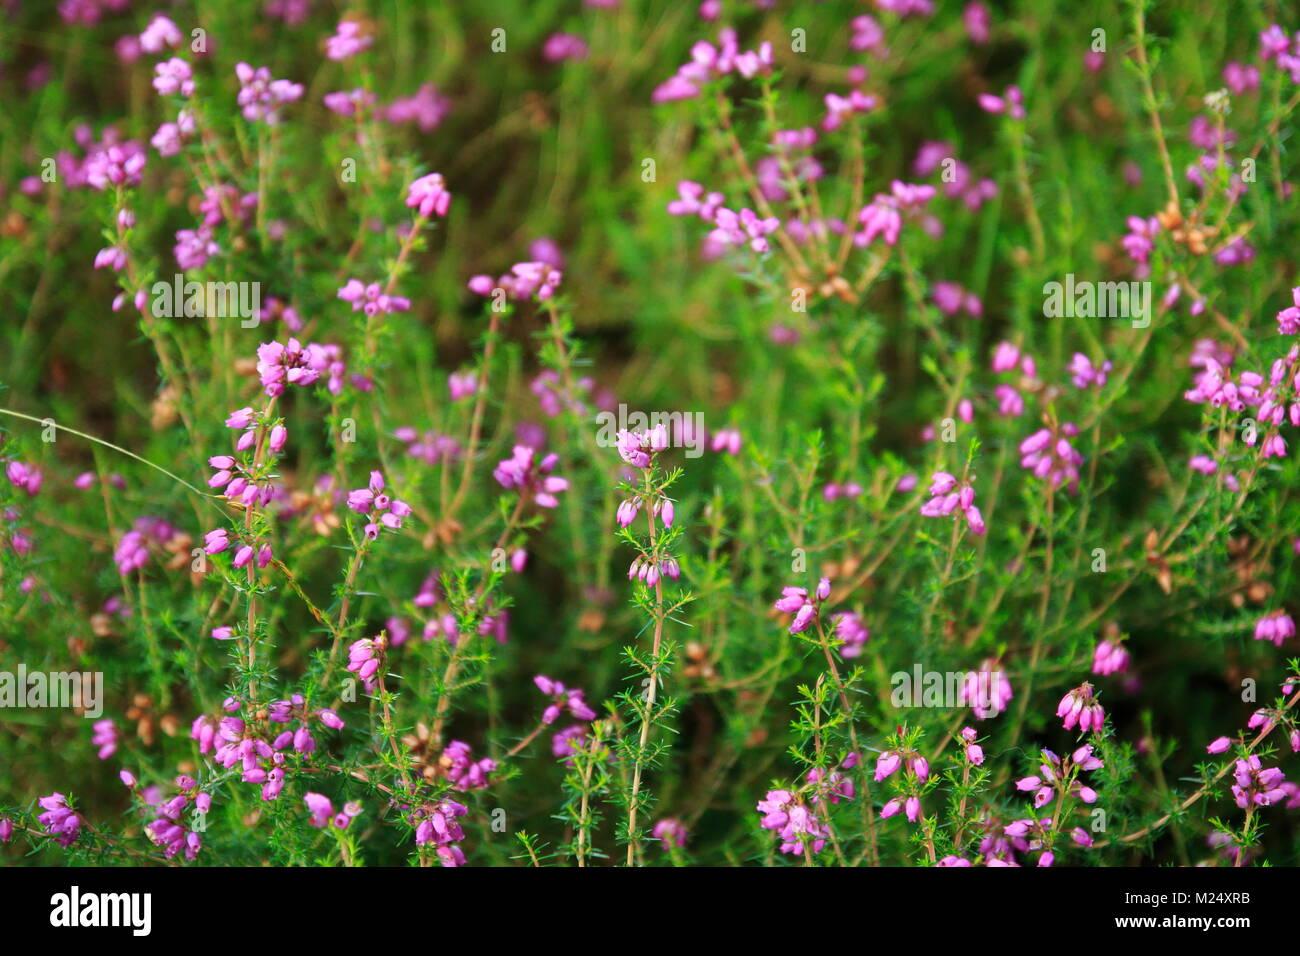 Irische Heide mit kleinen pink violett farbenden Glöckchen Blüten Stock Photo